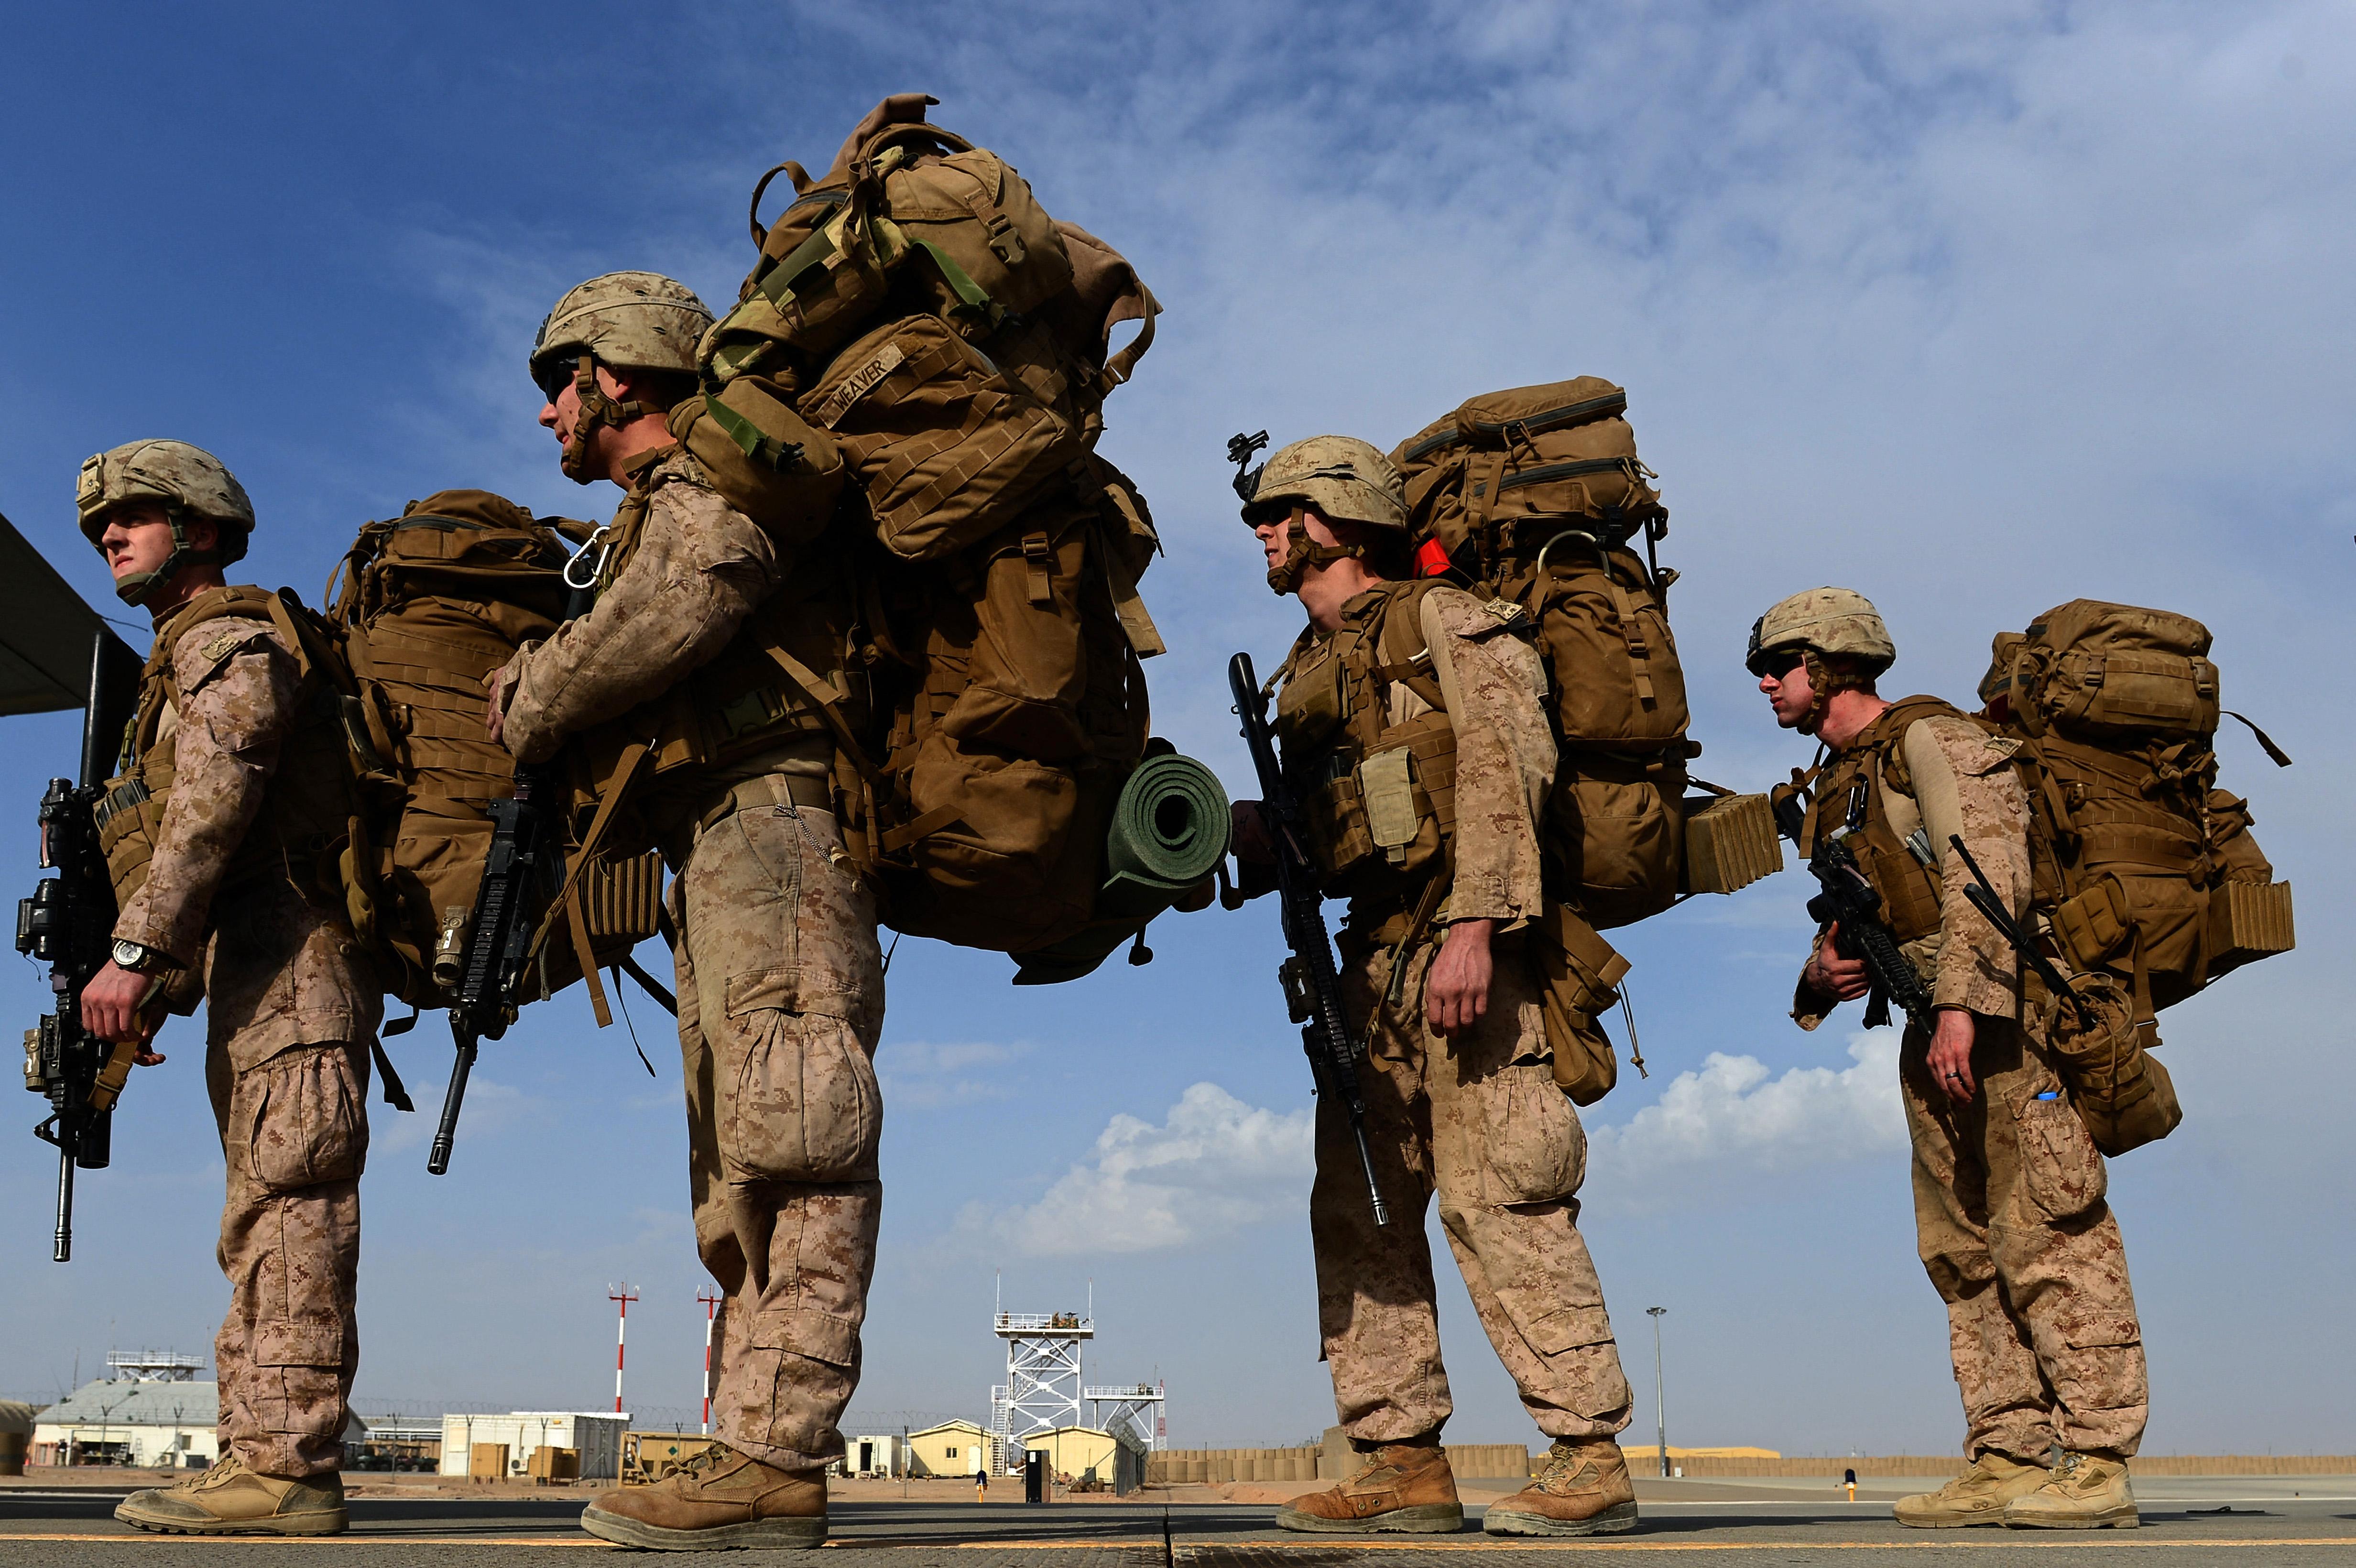 A New York-i terrortámadás huszadik évfordulójáig kivonulnak Afganisztánból az amerikai csapatok